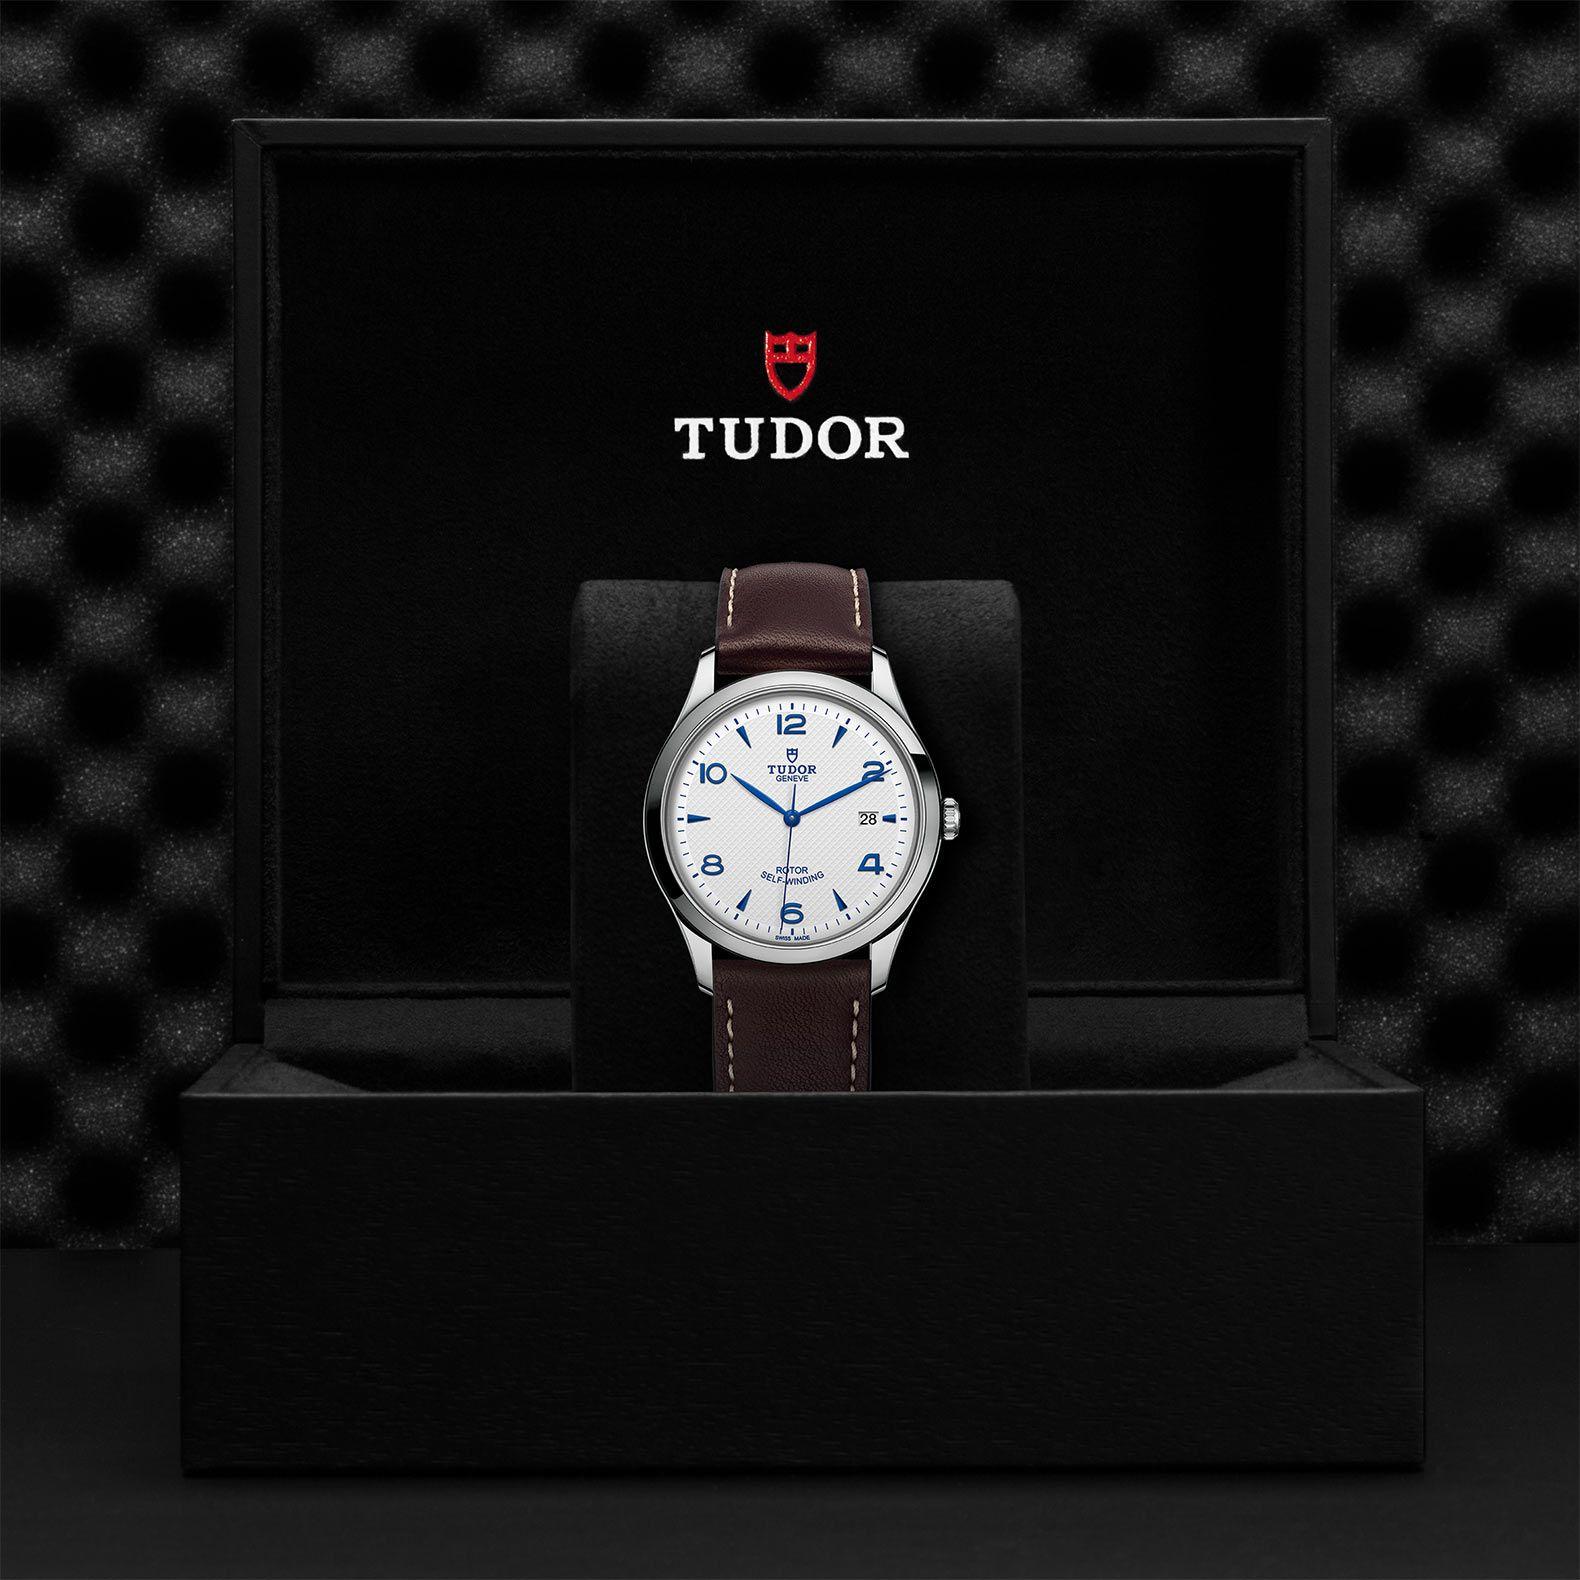 TUDOR 1926 91650 - 0010